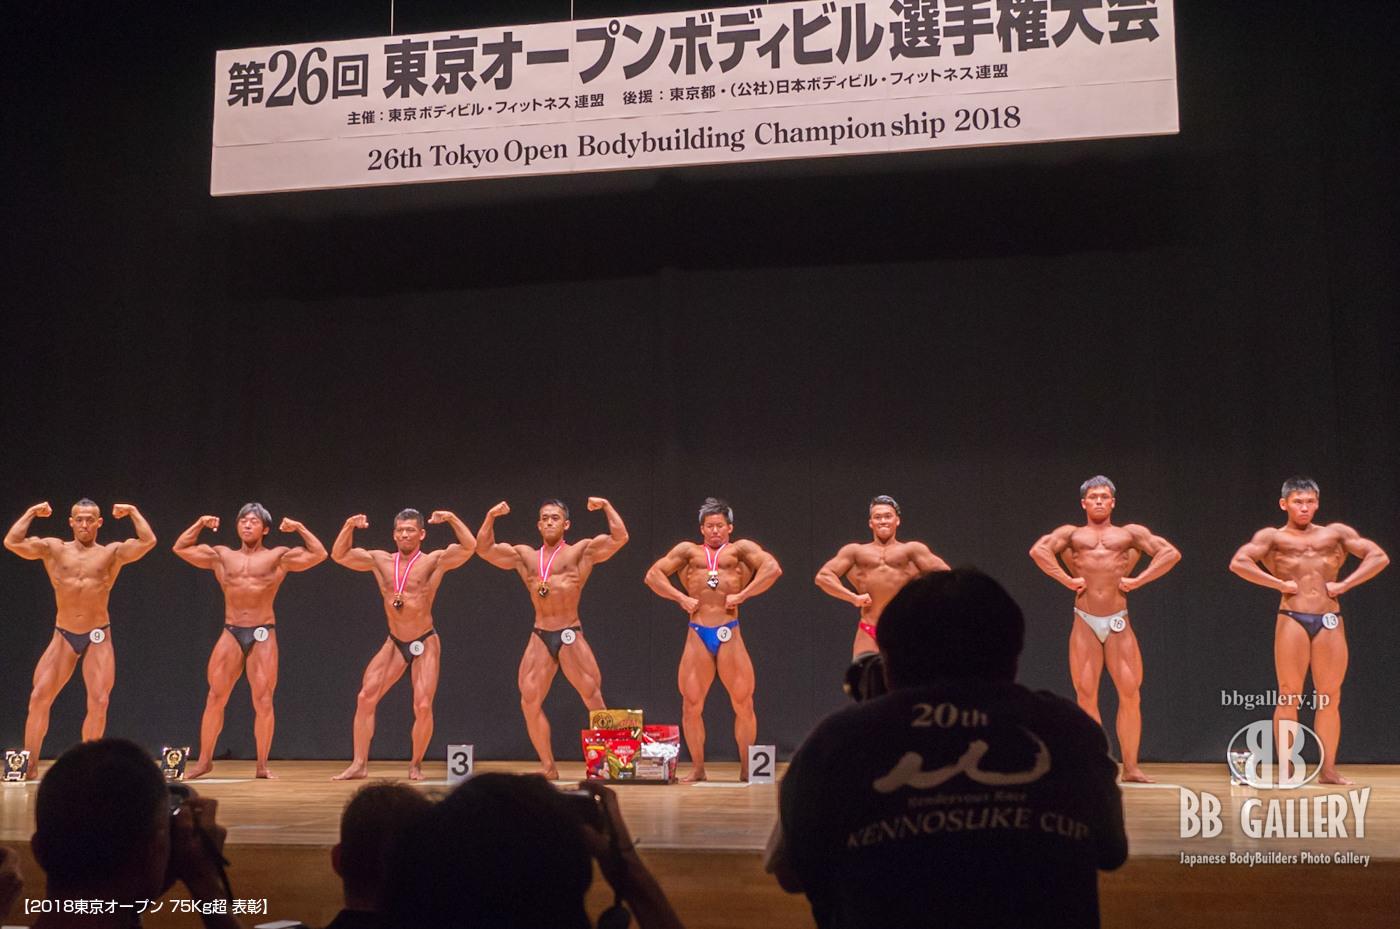 【2018東京オープン 75Kg超 表彰】